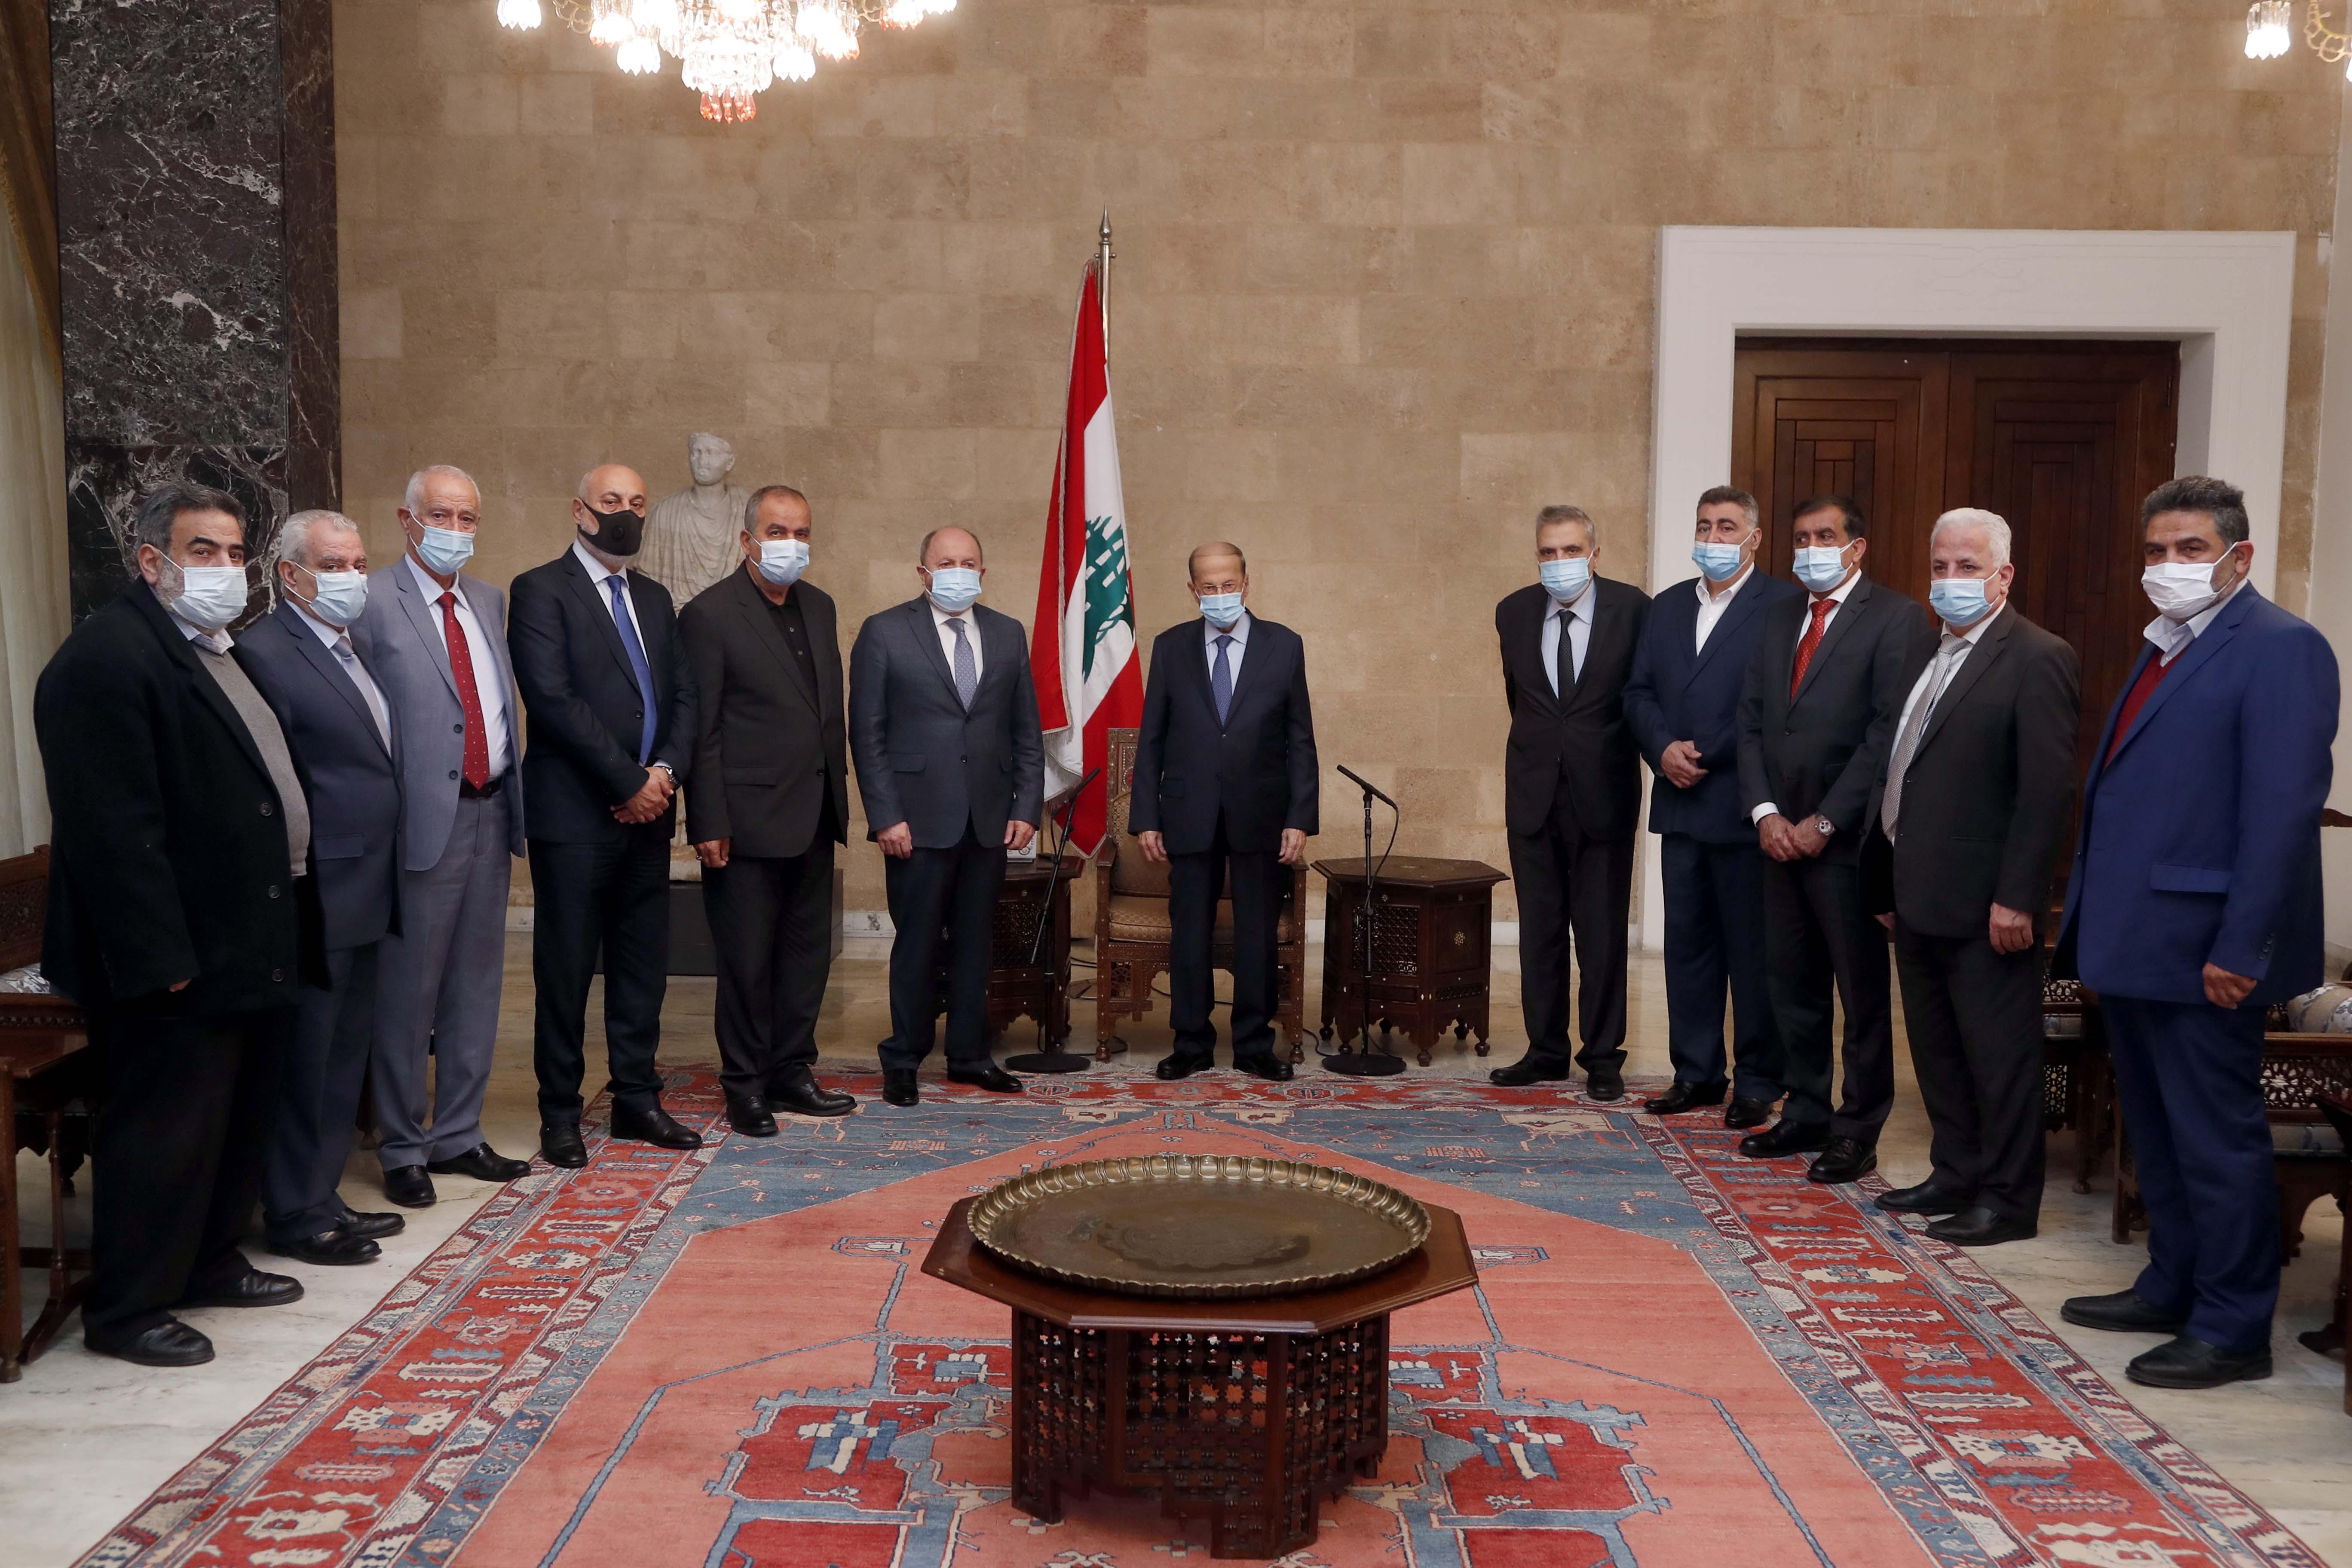 1 - Dr. Bechara el Asmar with a Delegation